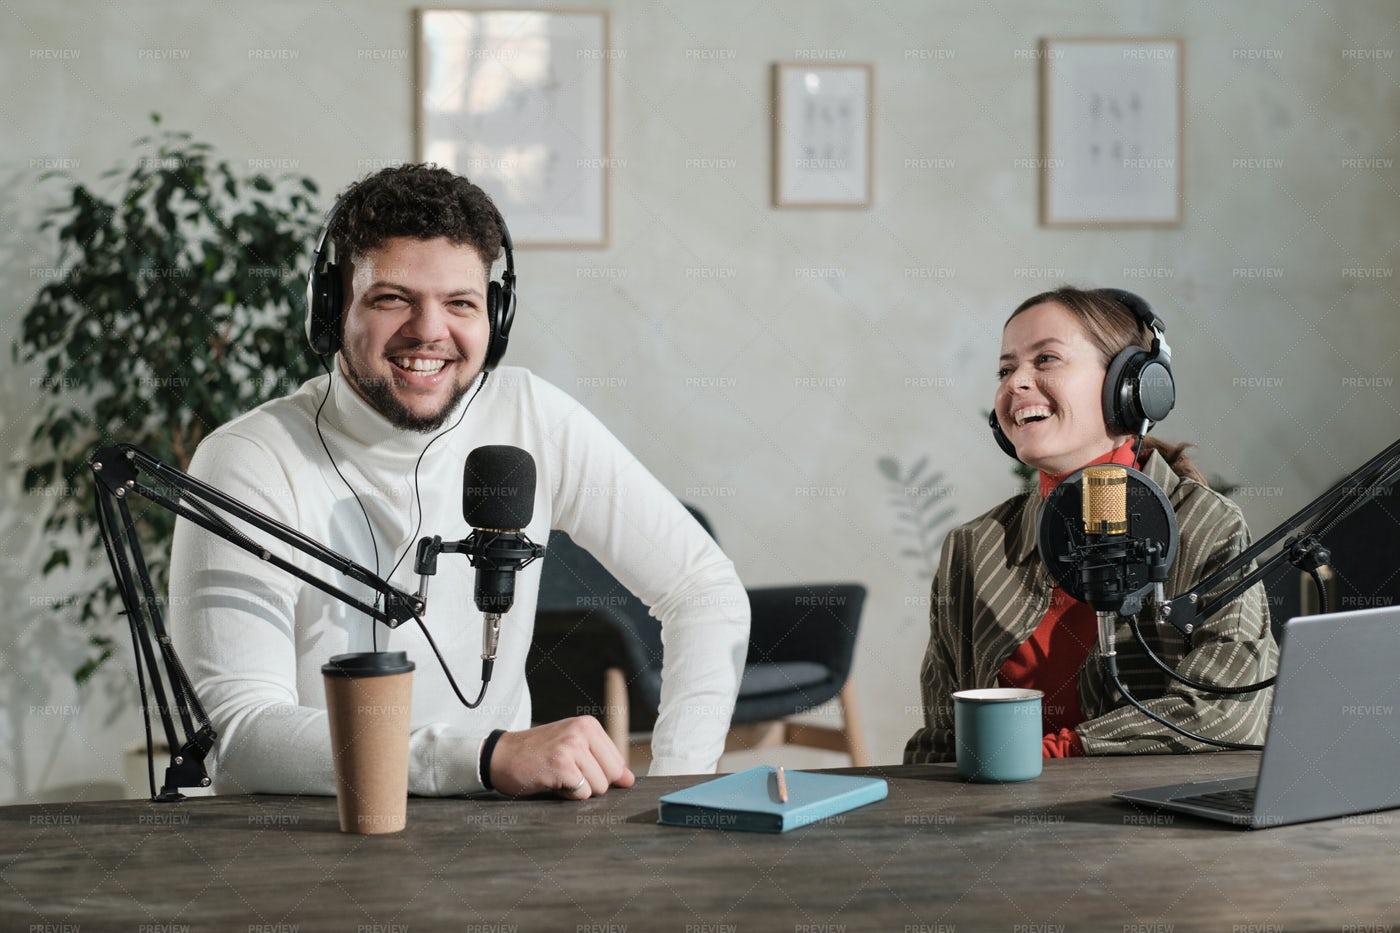 Radio Broadcasters Having Fun: Stock Photos